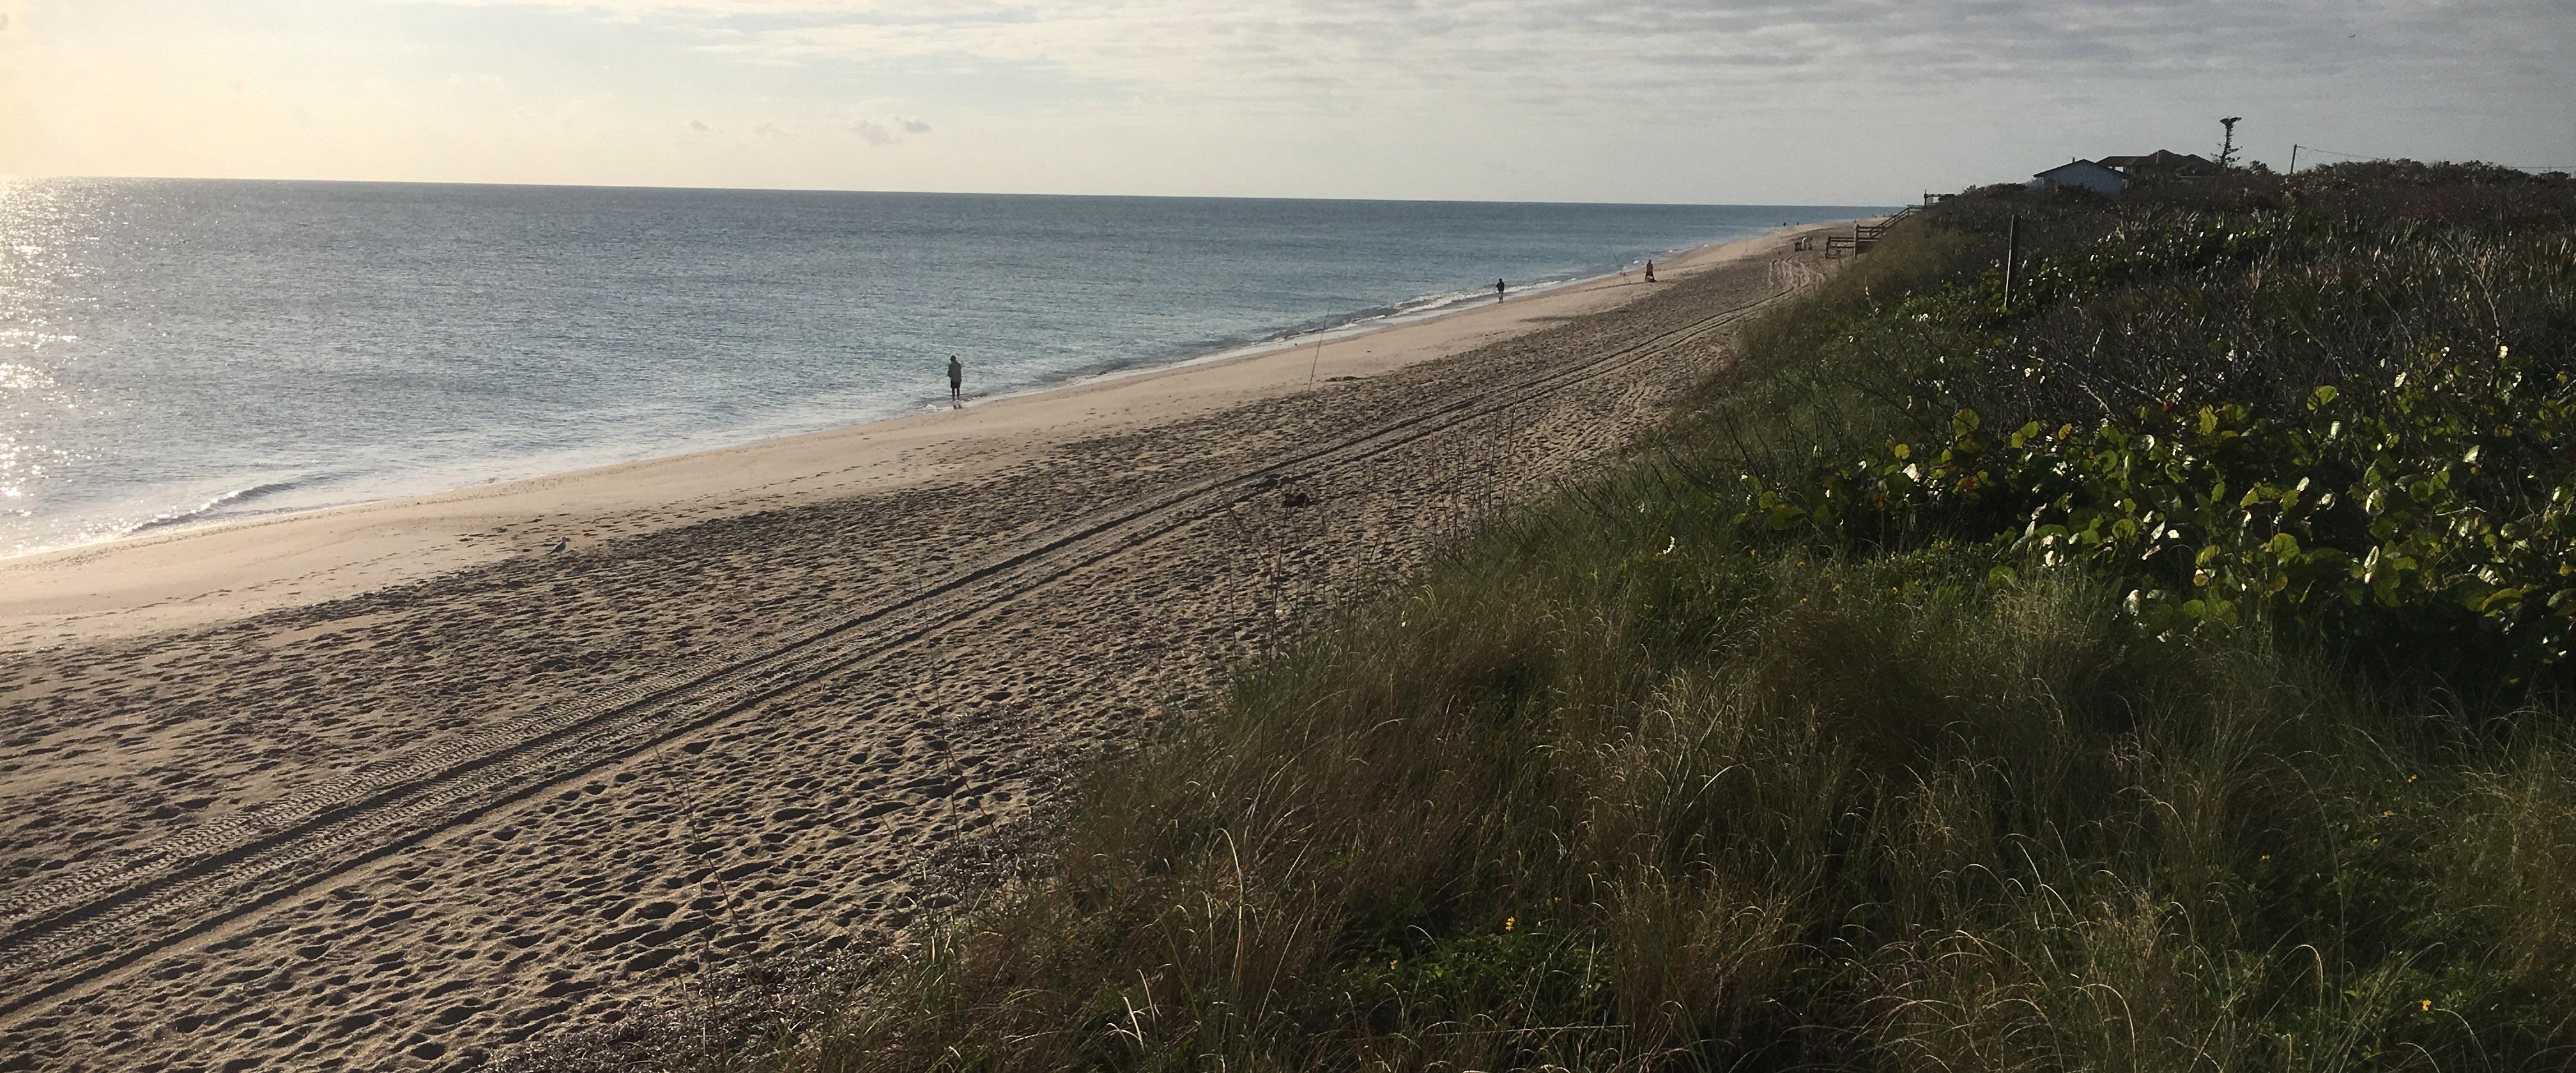 Conserved Acreage on Florida's East Coast Benefits Sea Turtles